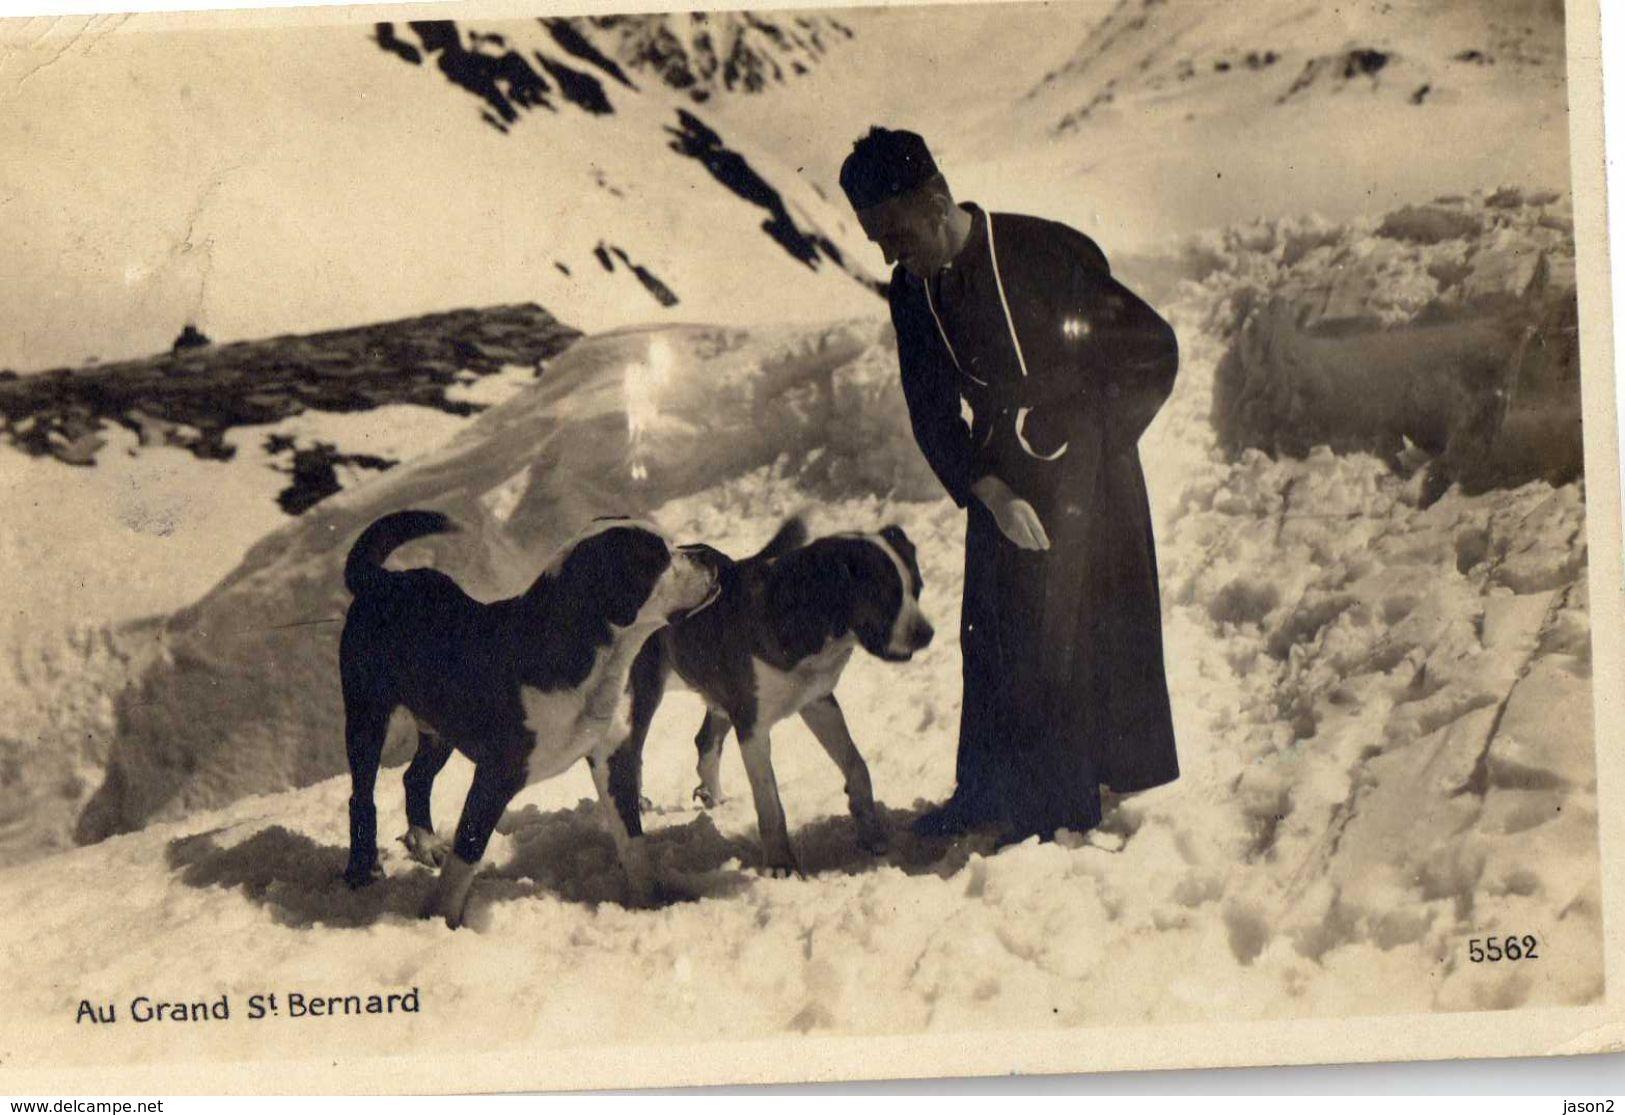 CPSM Chiens St Bernard Avec Pretre Au Grand St Bernard Ecrite Et Timbree - Chiens